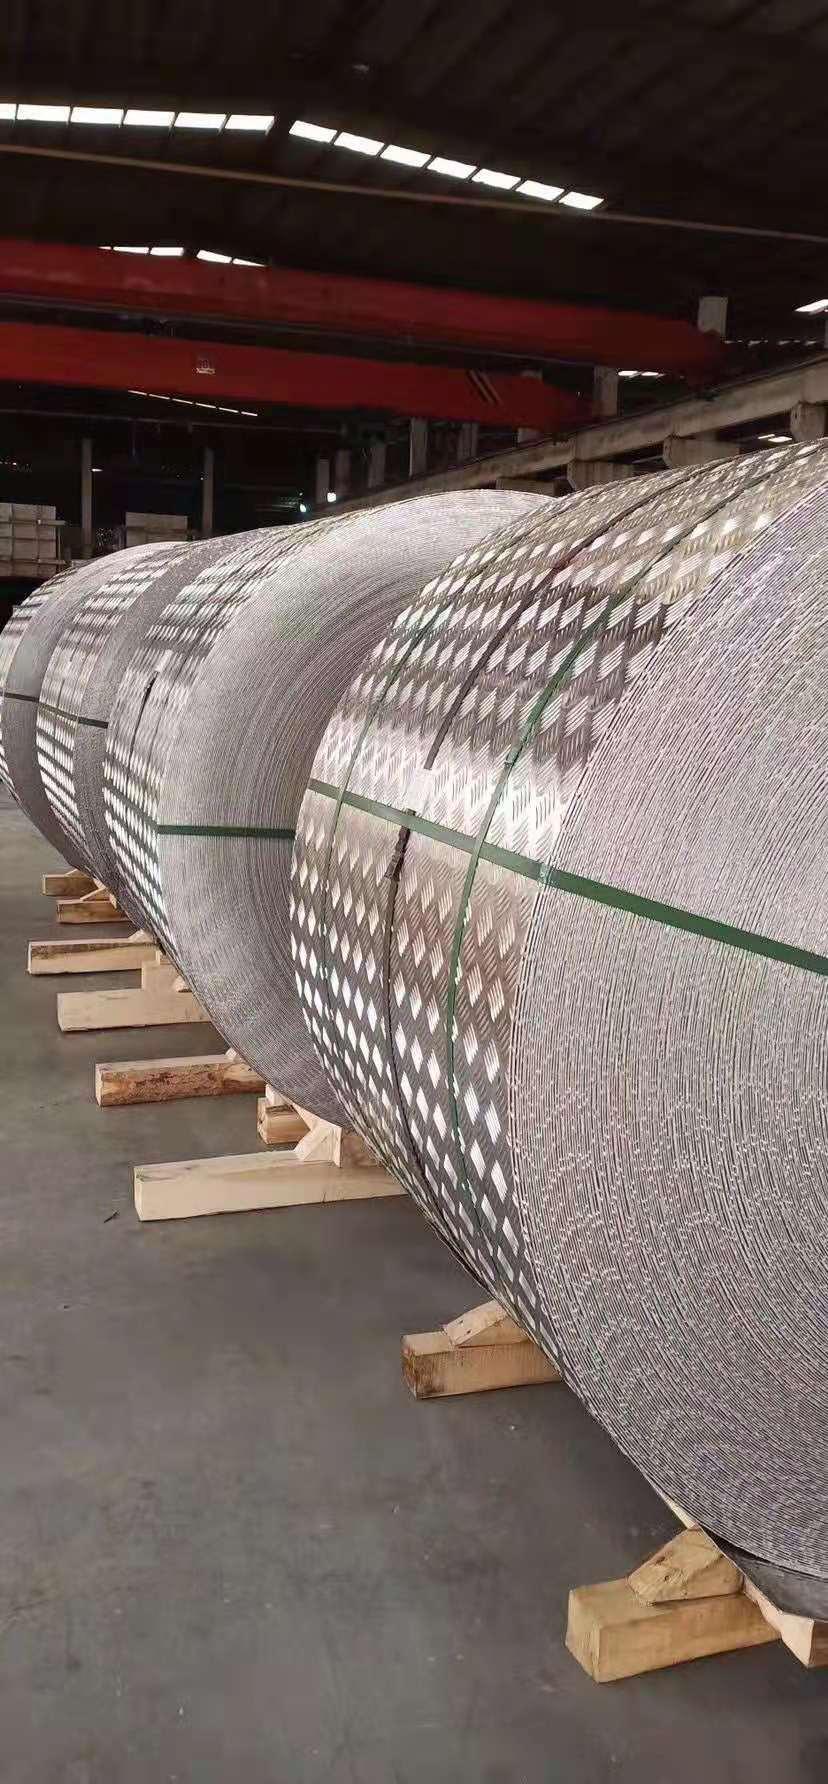 陕西省西安市0.2mm保温铝卷多少钱铝皮铝卷厂家现货销售